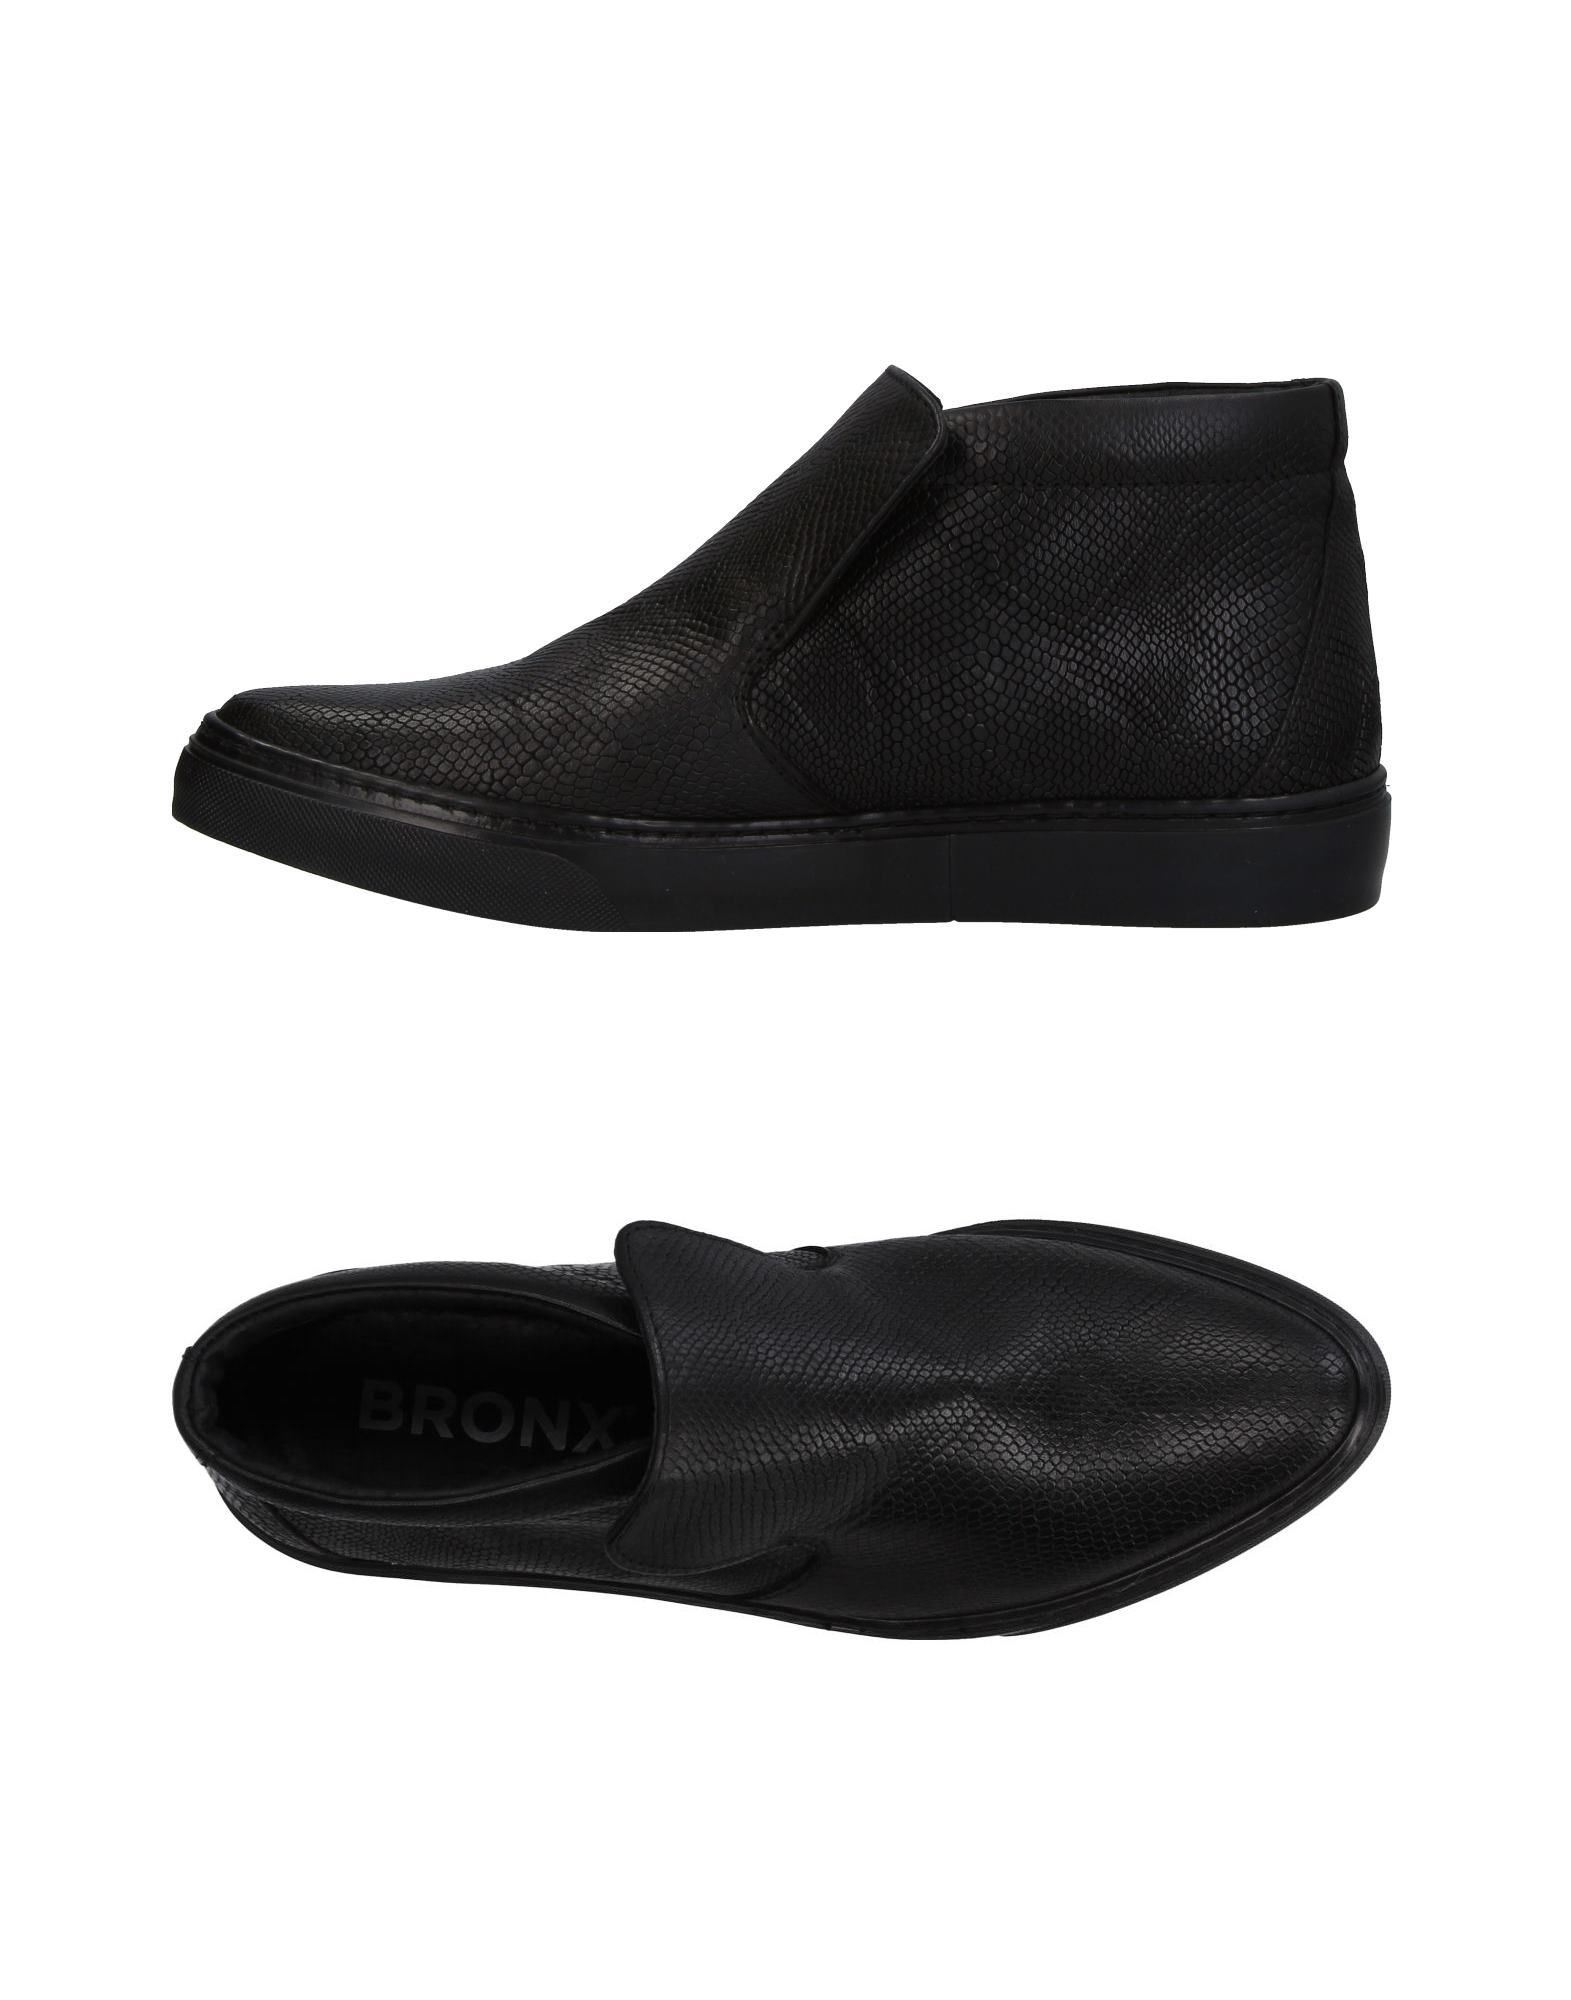 bronx полусапоги и высокие ботинки BRONX Высокие кеды и кроссовки